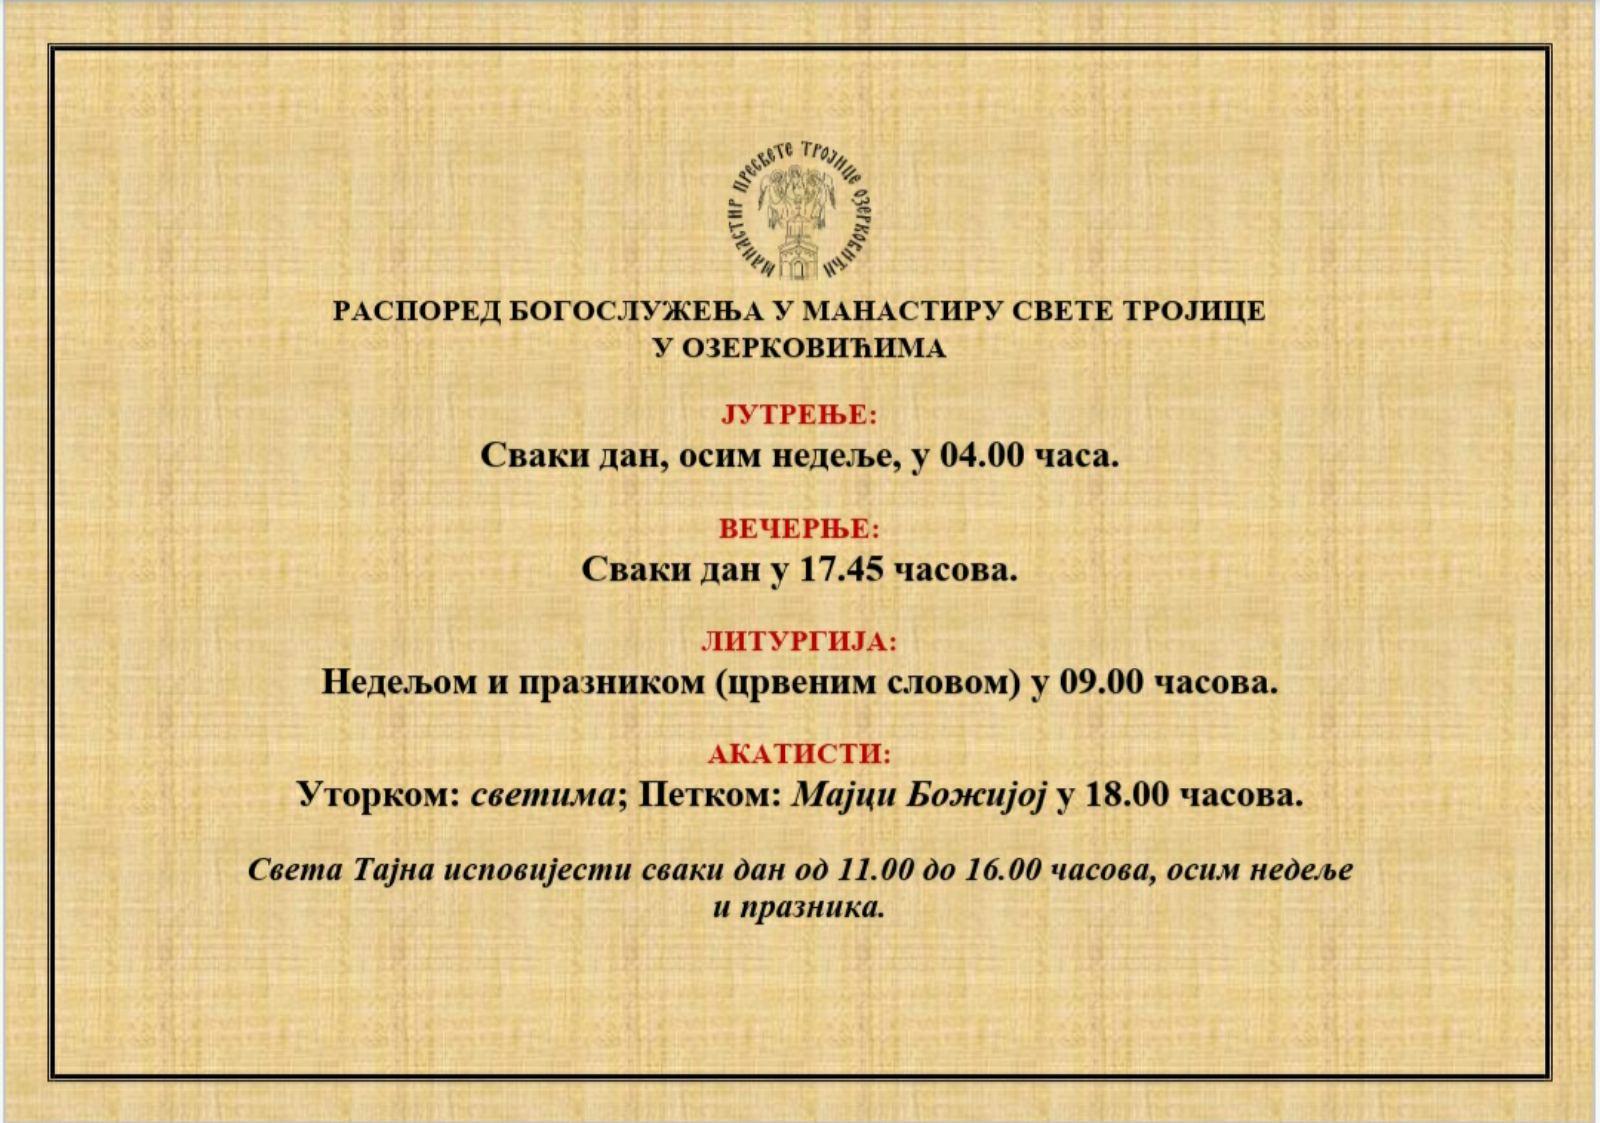 Распоред Богослужења у нашем Манастиру